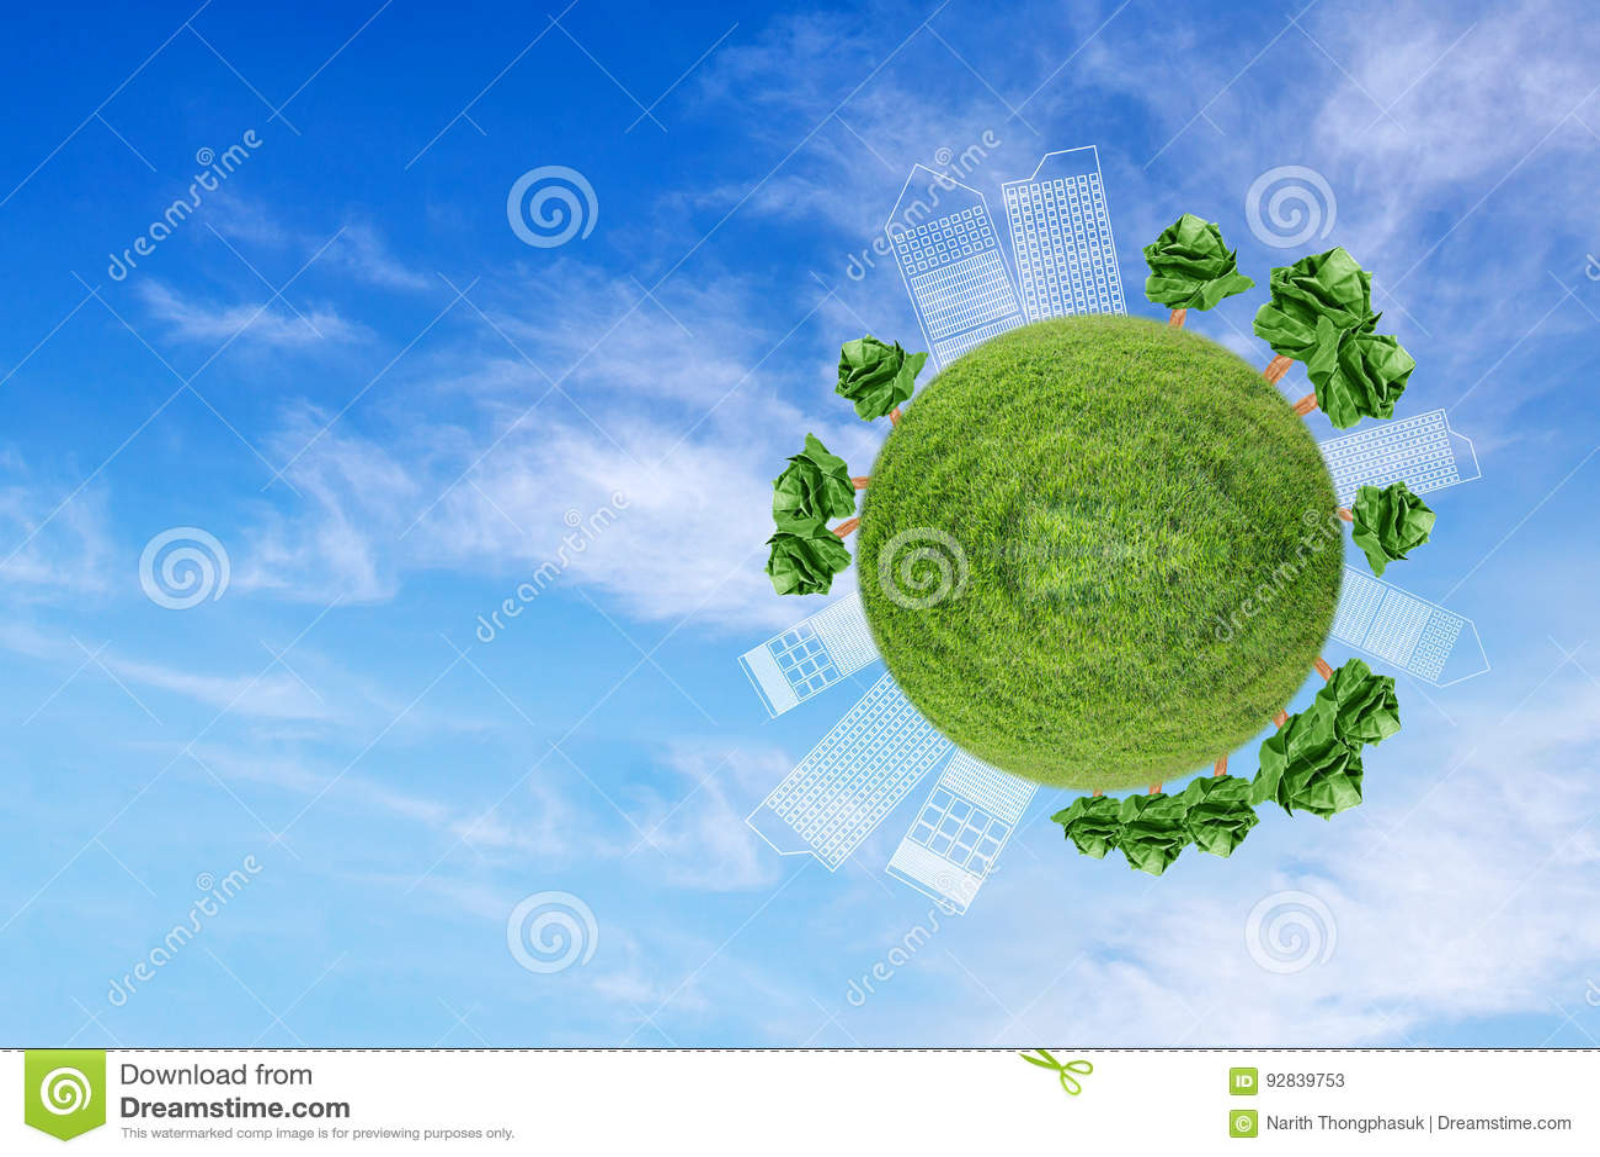 Miniaturowa kula ziemska pokazuje środowisko z drzewo papierem